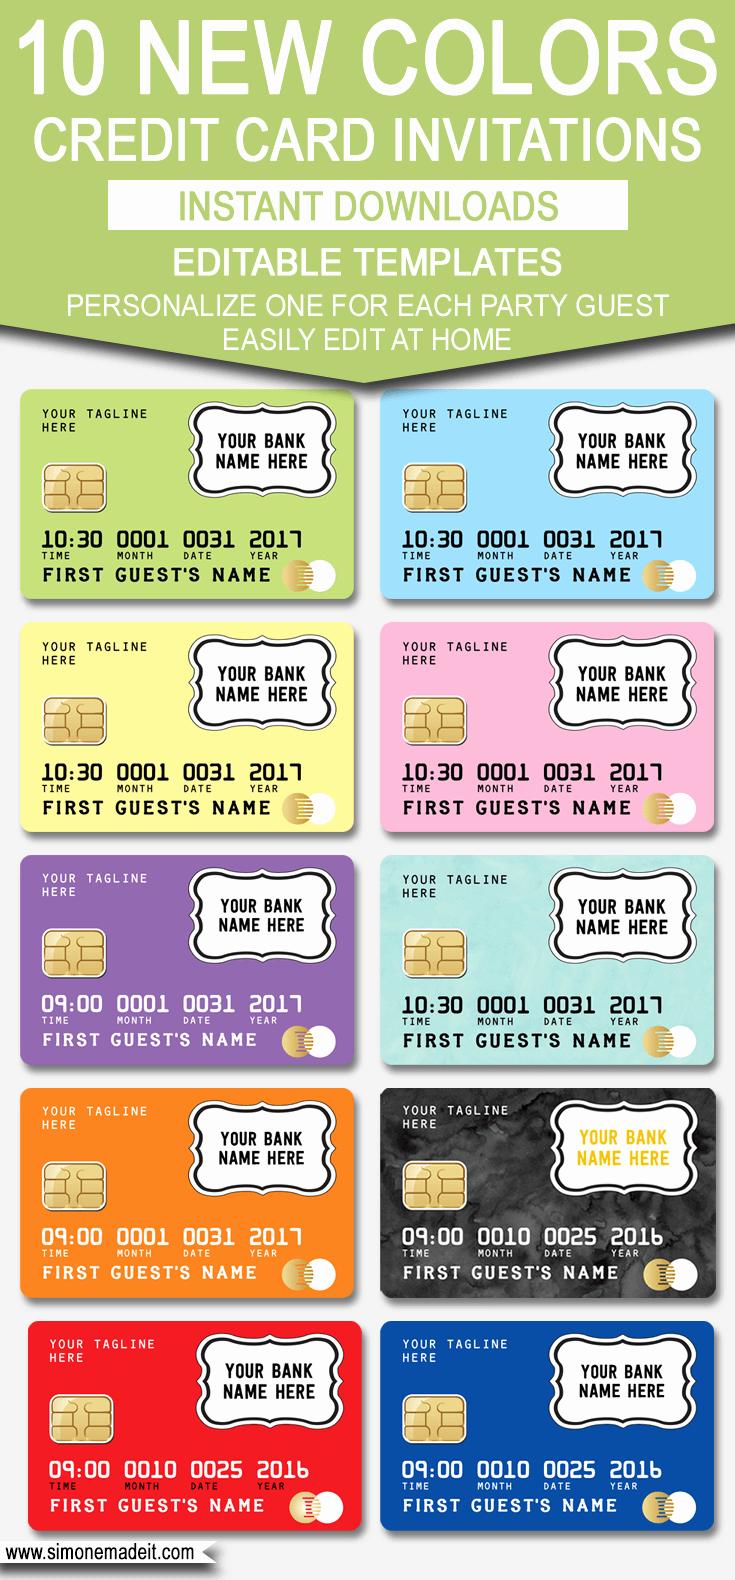 Credit Card Invitation Template Unique Credit Card Invitation